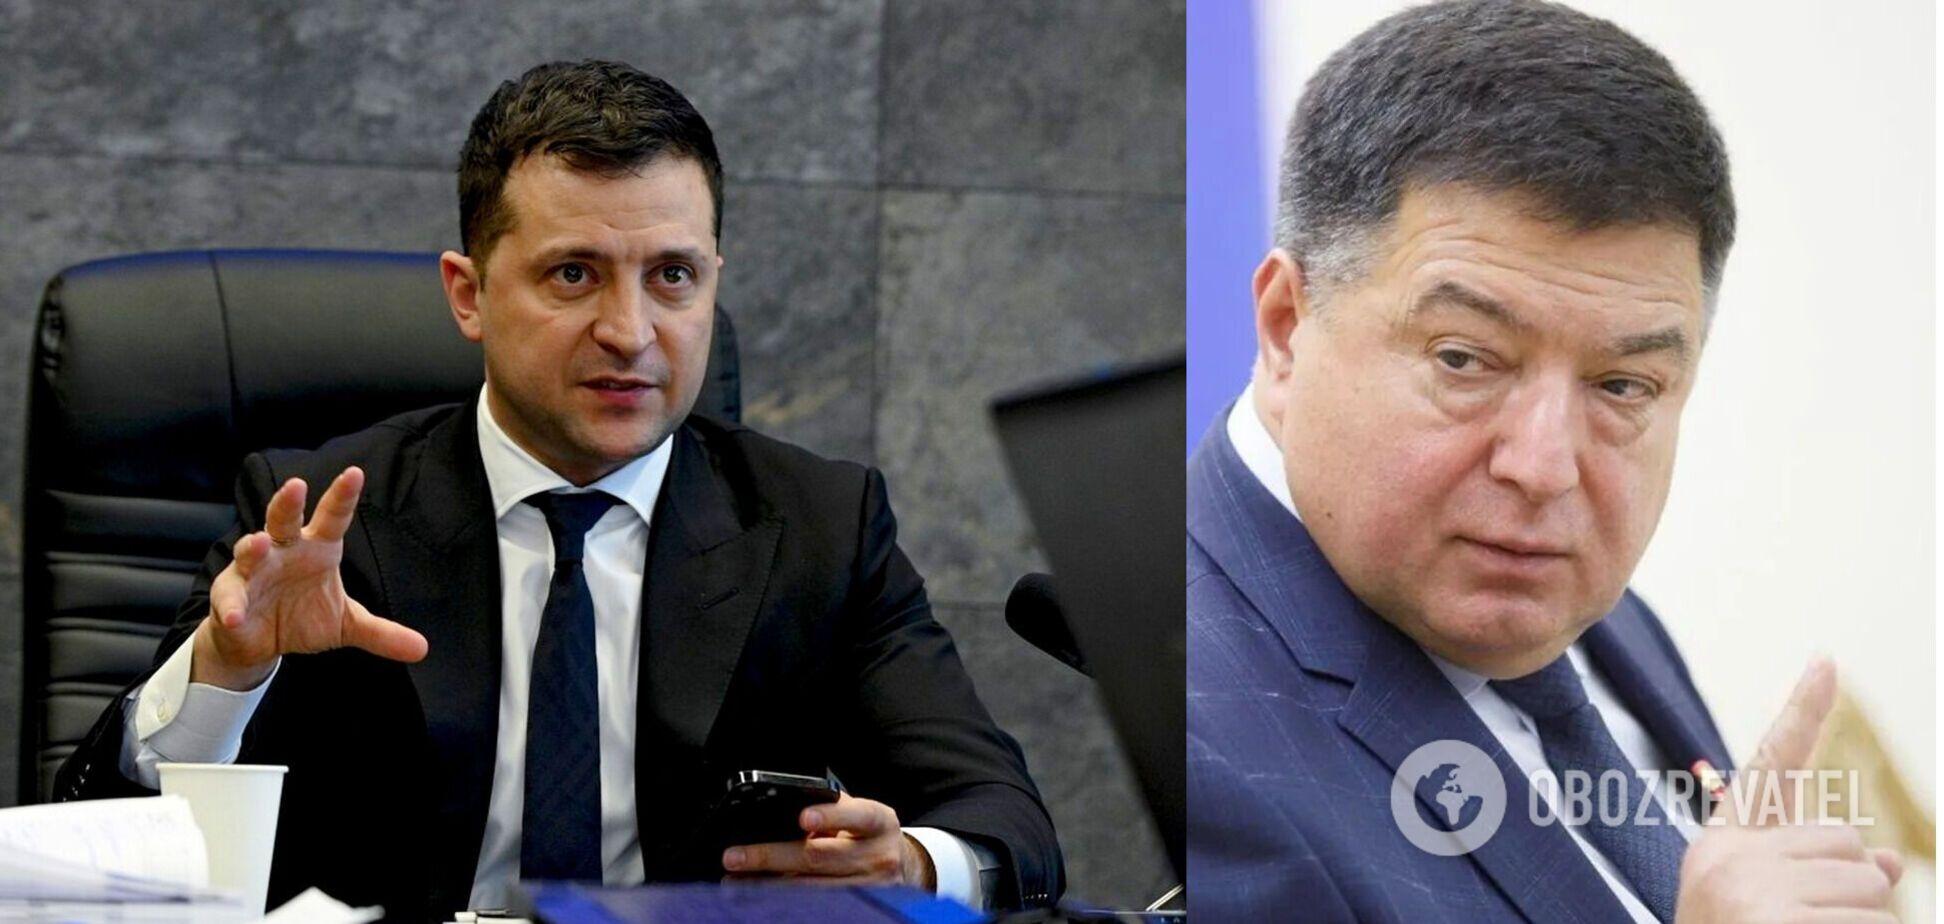 Зеленський заявив про намір 'позбутися' Тупицького